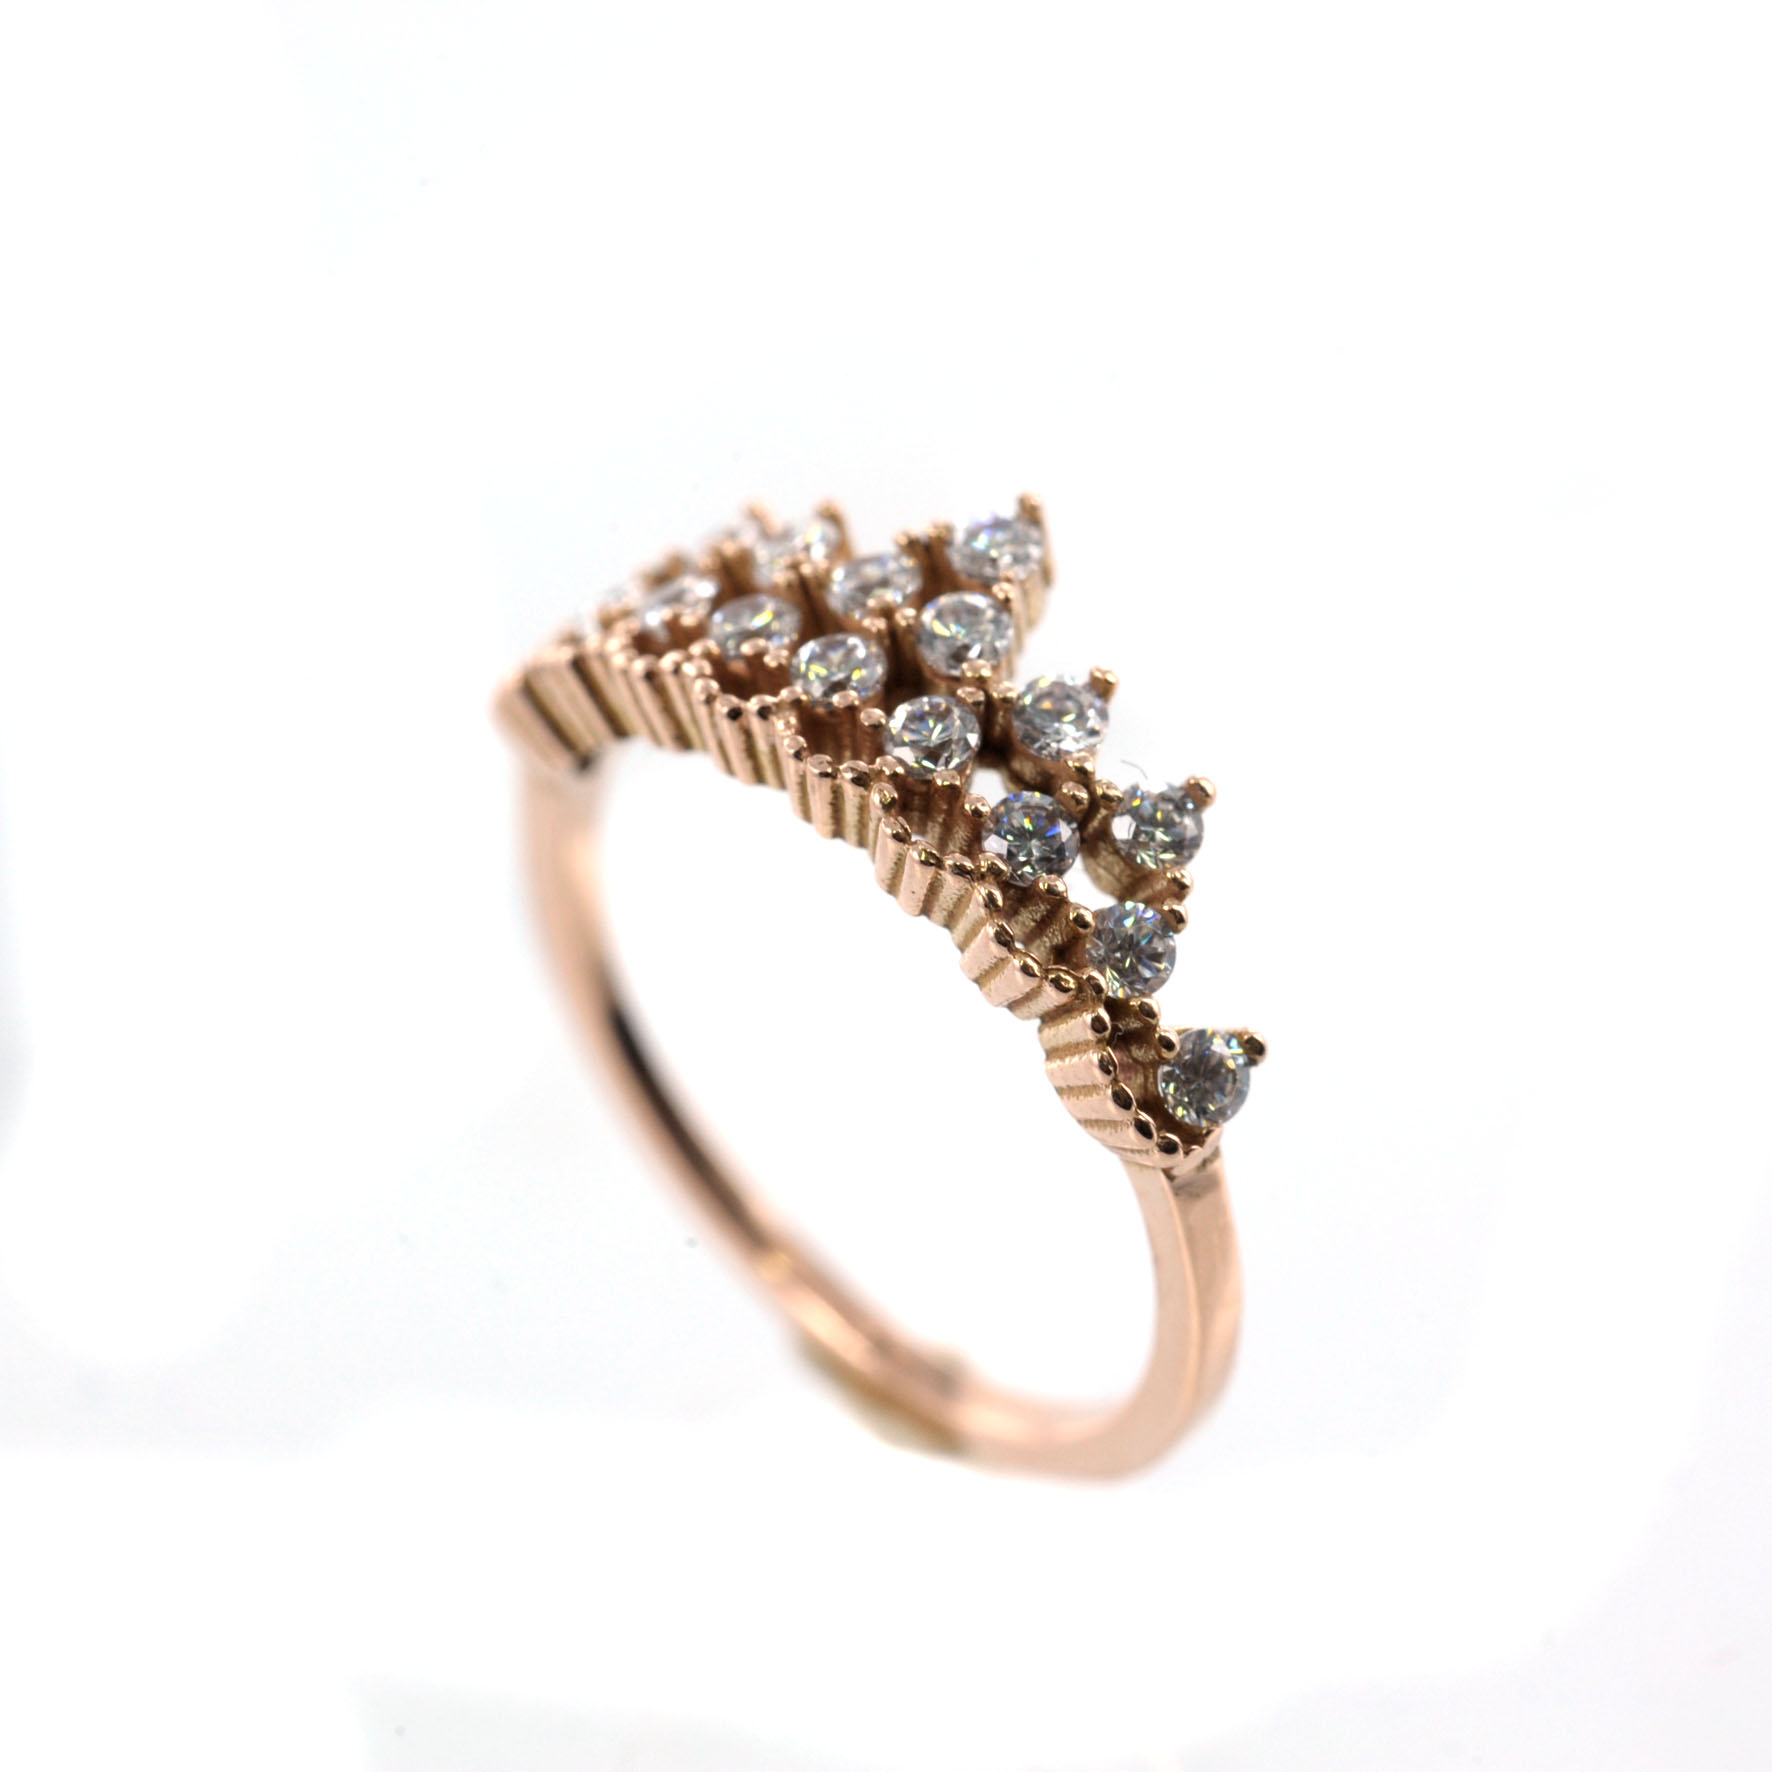 Ροζ χρυσό δαχτυλίδι με λευκά Swarovski  15d4b7b579b